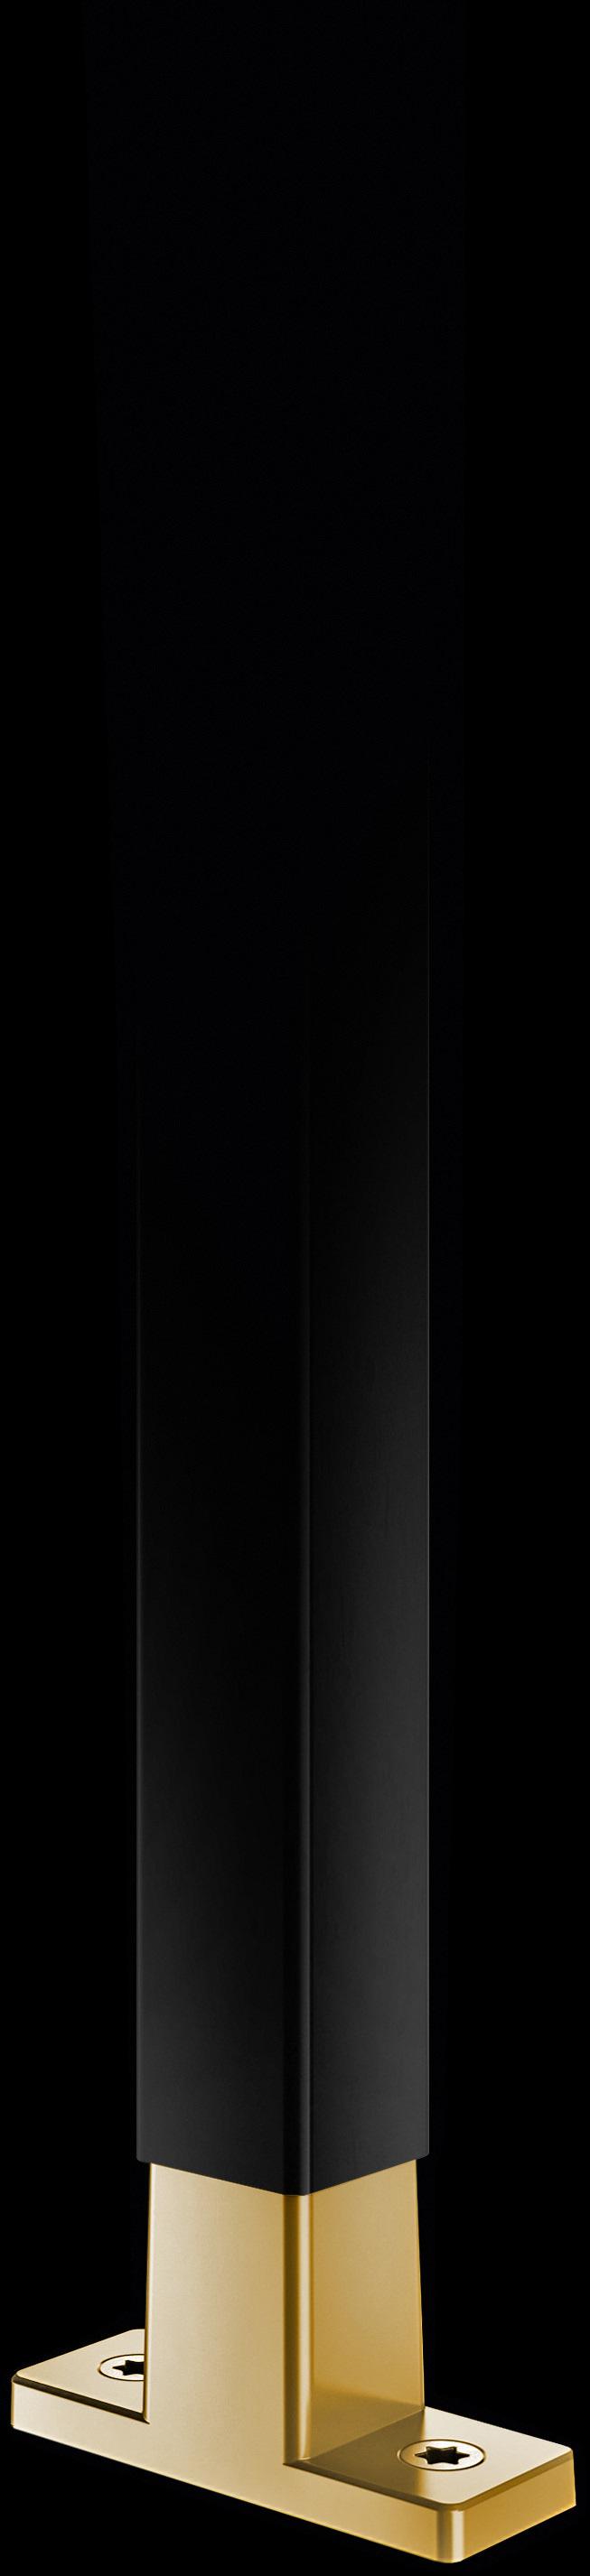 Schwarze Strebe mit T-Konnektor aus Gold